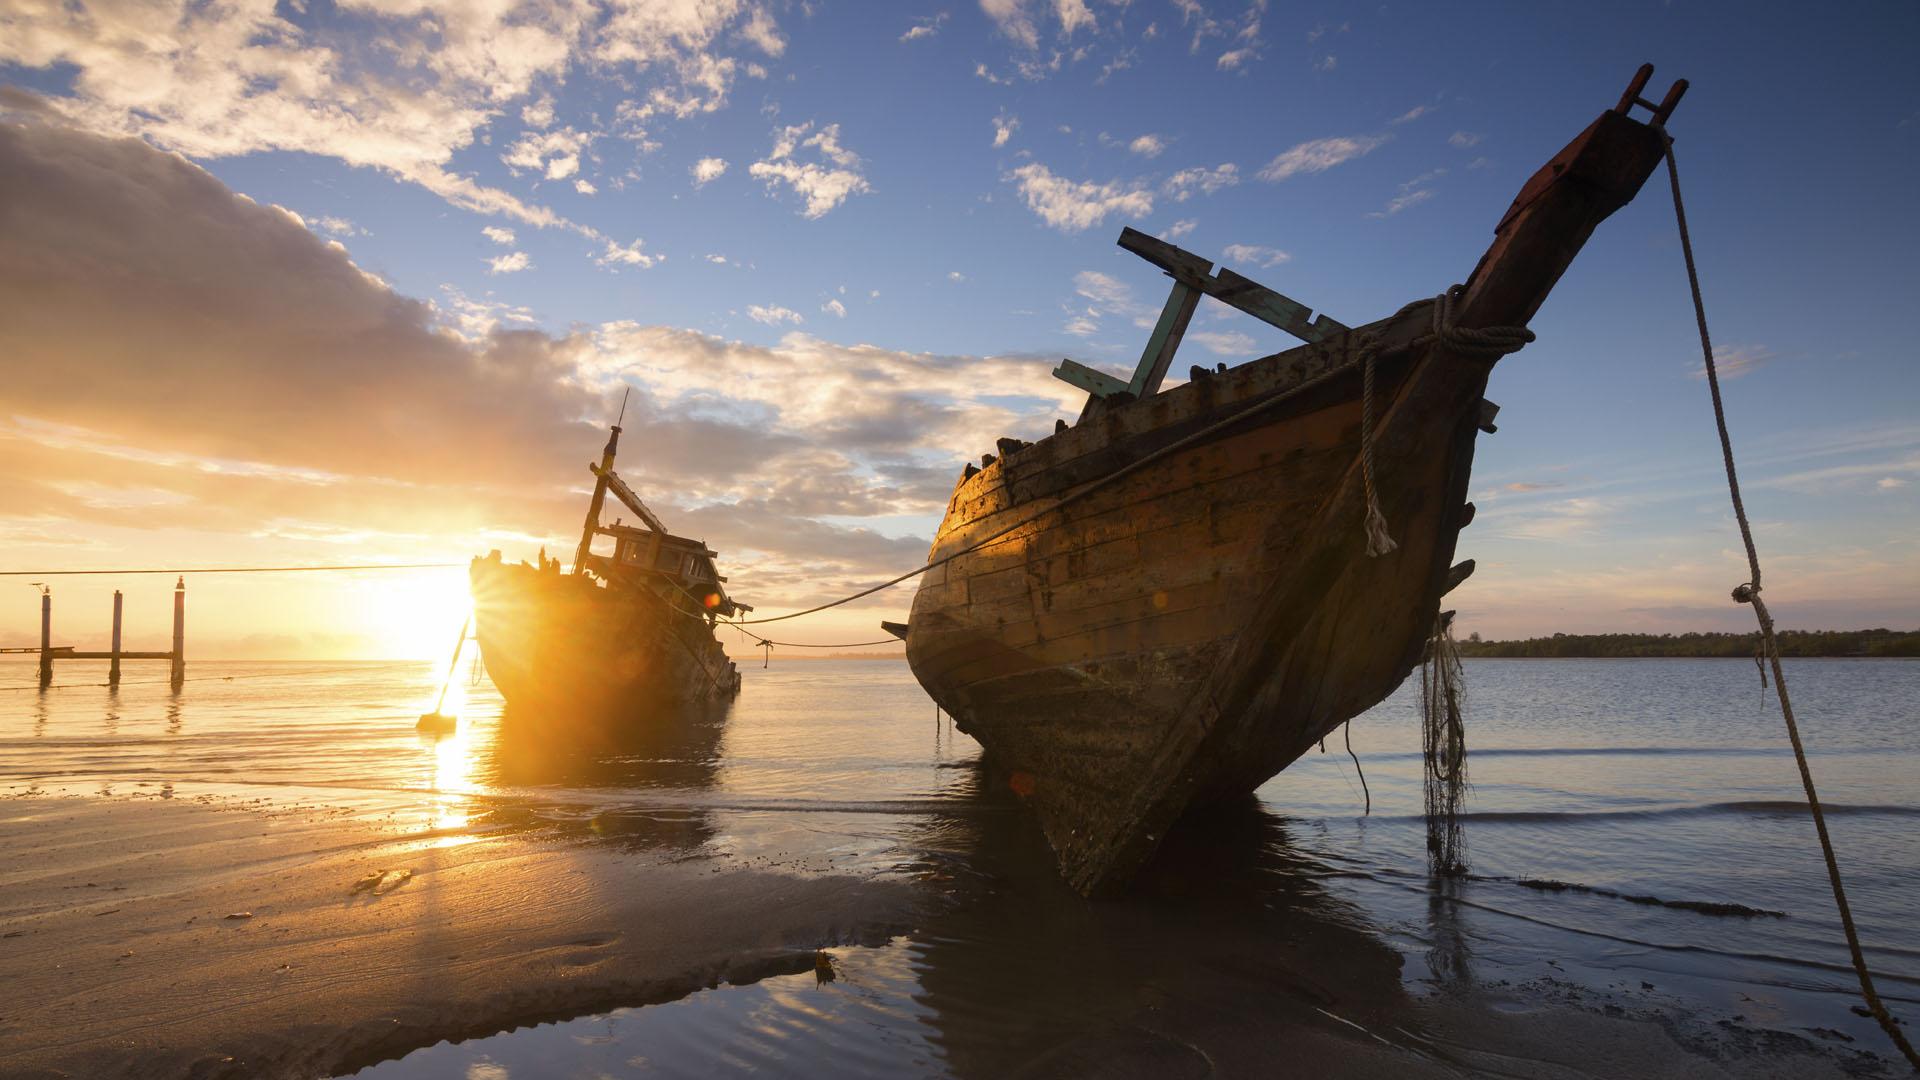 El hecho ocurrió el pasado sábado en el litoral nicaragüense